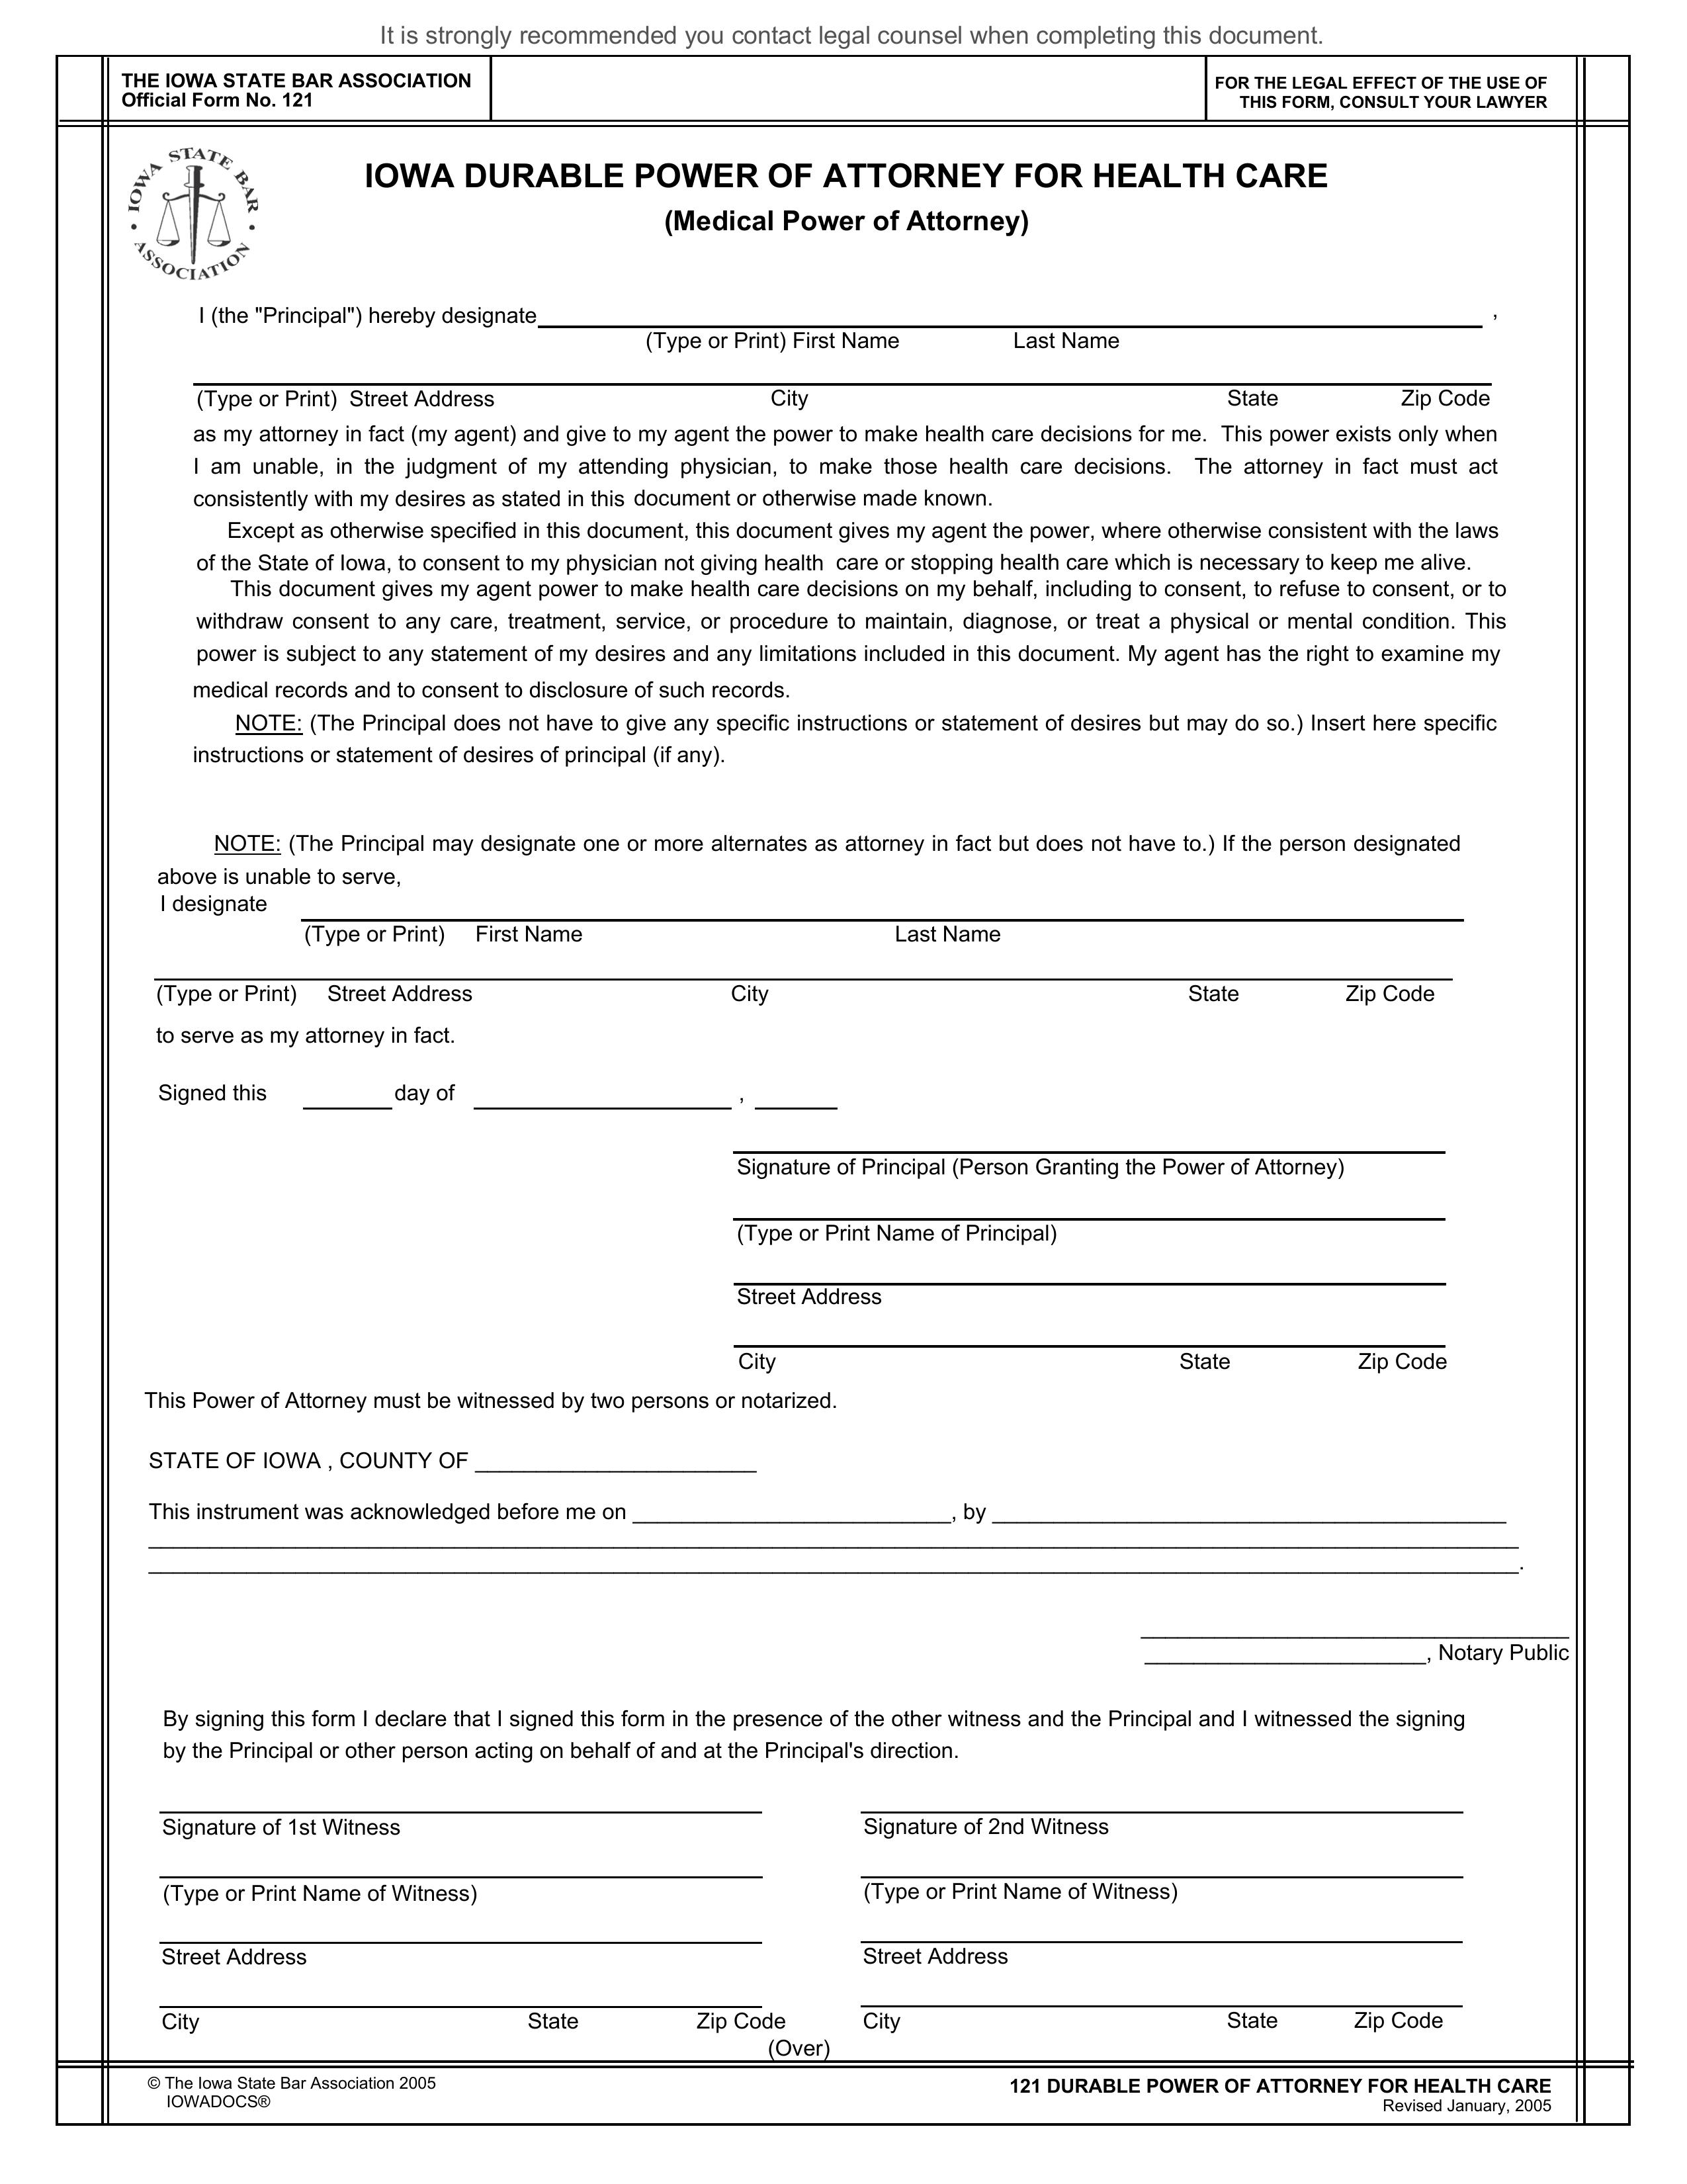 power of attorney form iowa  Free Iowa Durable Power of Attorney for Health Care Form ...